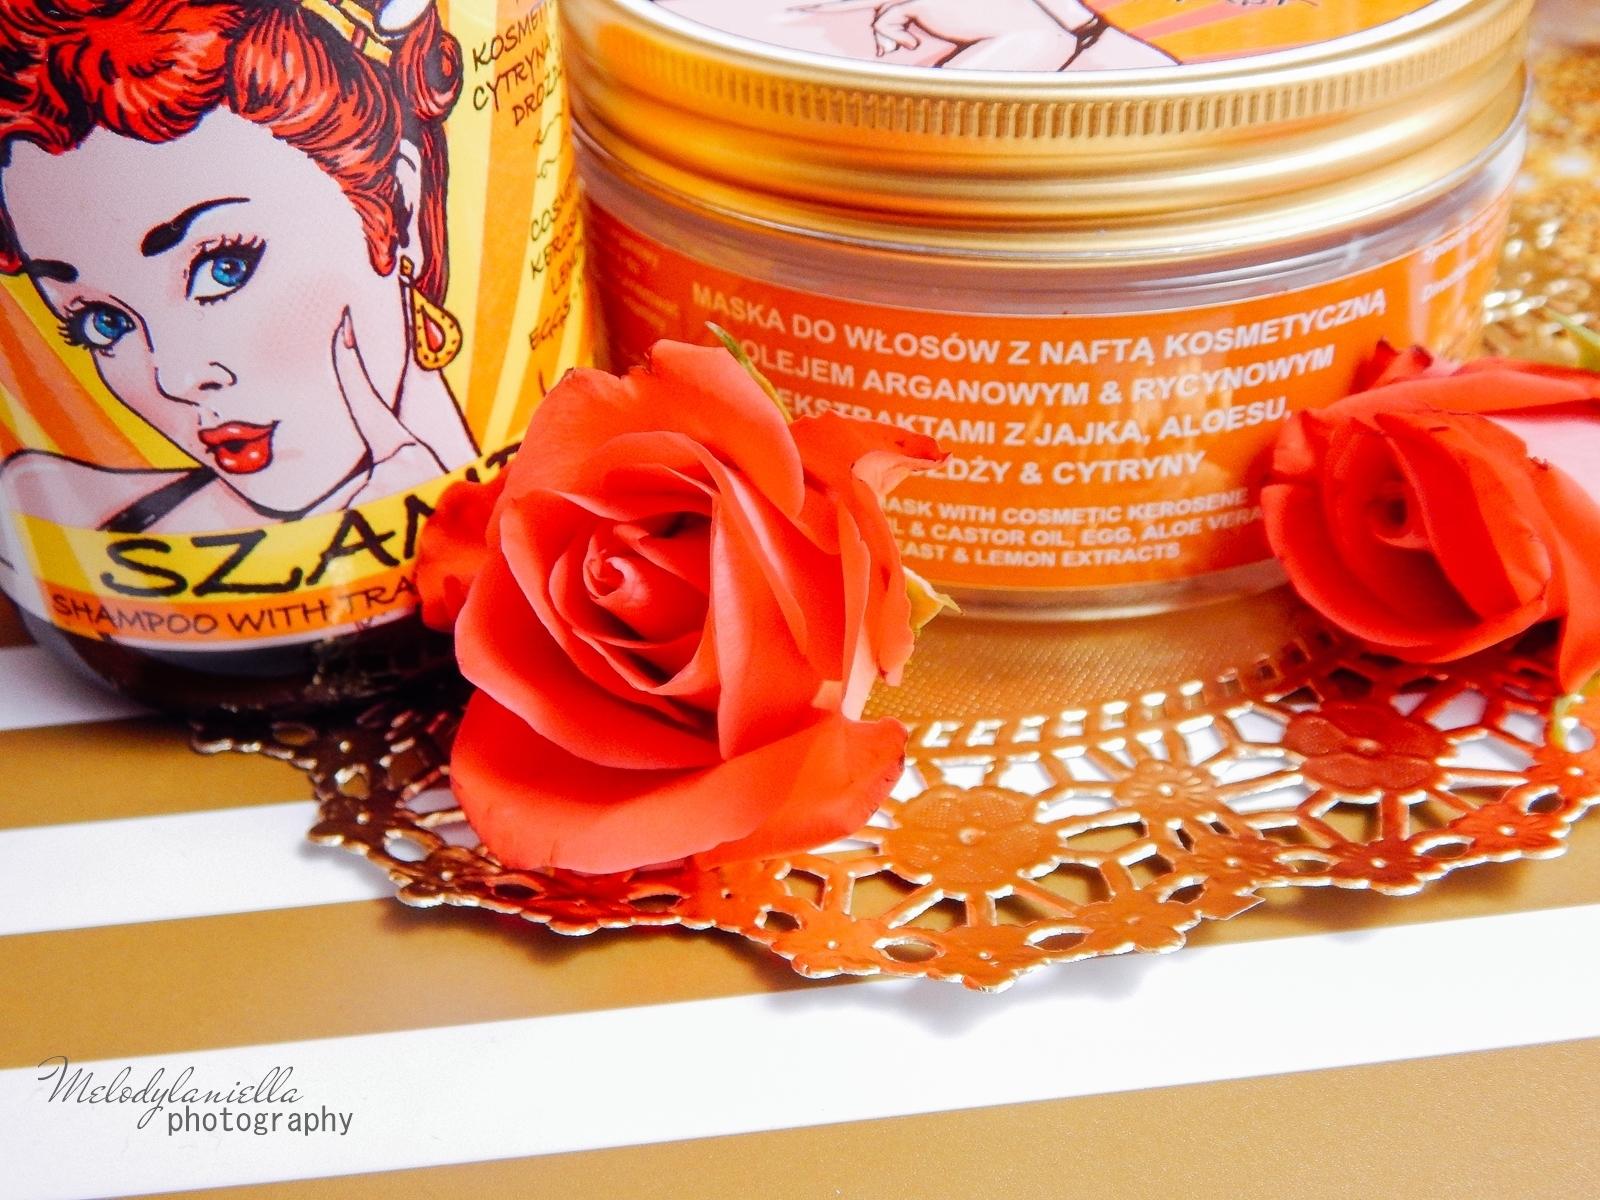 4 new anna cosmetics szampon z naftą kosmetyczną cytryną jajkiem i drożdżami maska do włosów z naftą kosmetyczną opinie recenzje szapon do włosow przetłuszczających się maska do włosów tłustych odrzywka-2